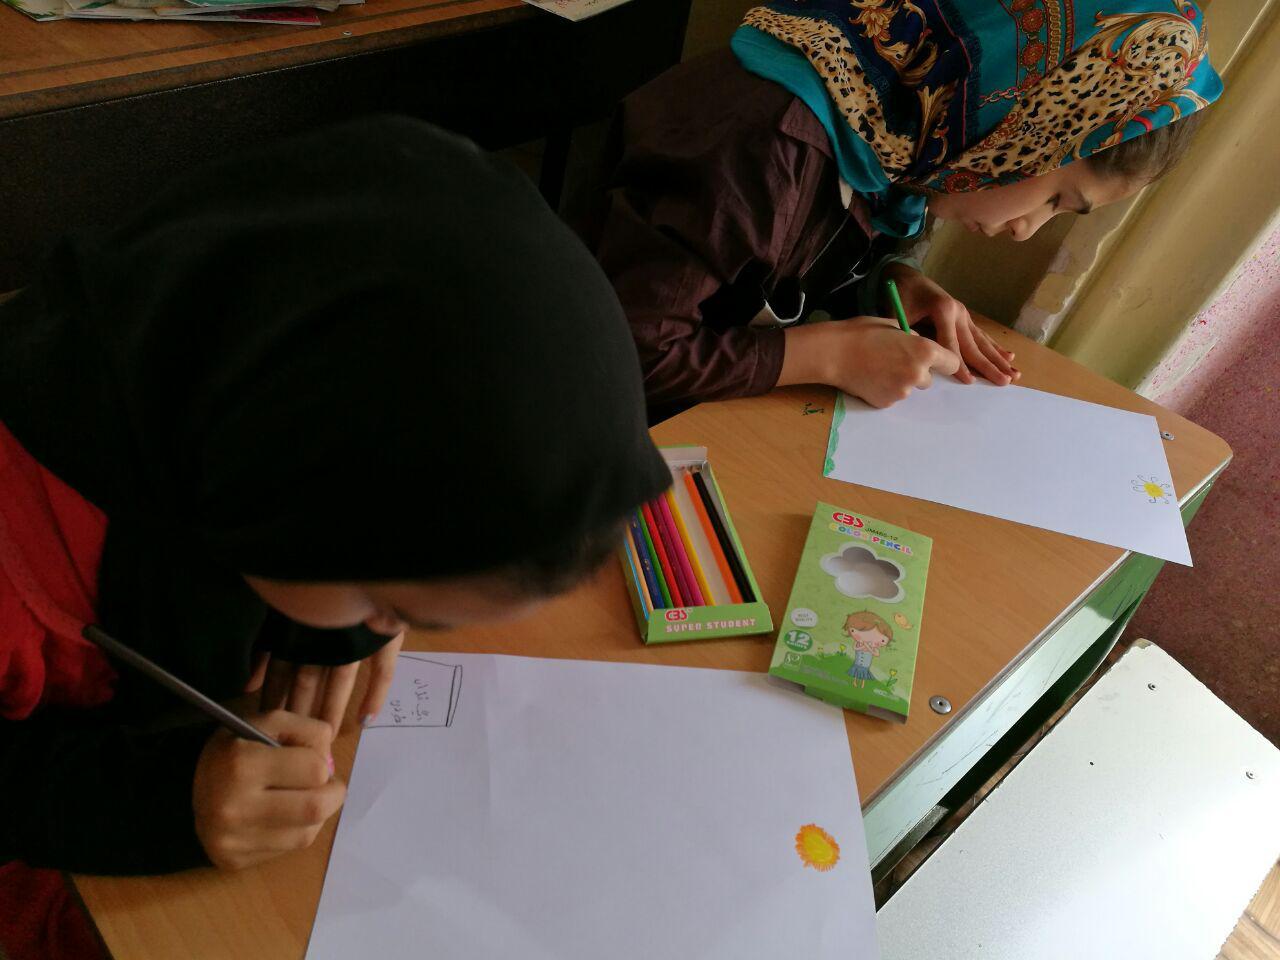 با من بخوان، مرکز توانمندسازی آوای ماندگار- تهران- تابستان 95